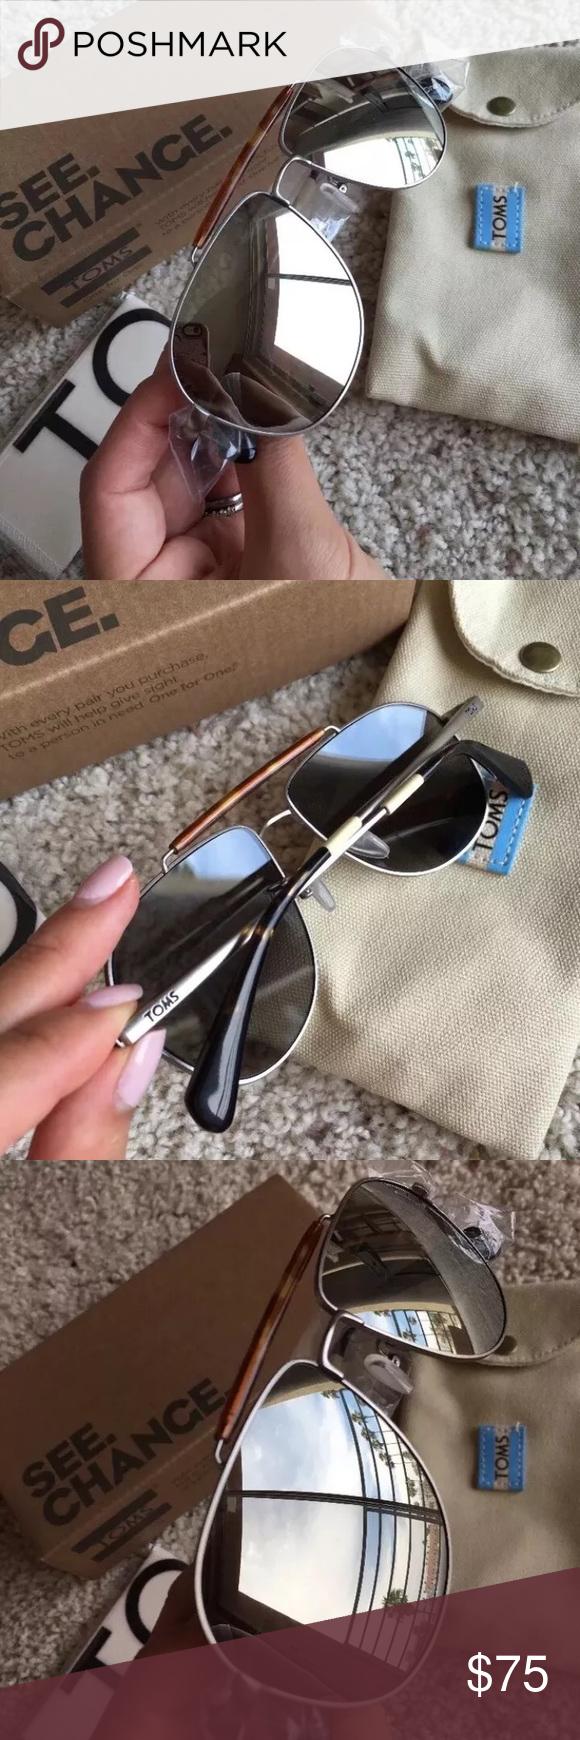 5650faa9c15 Toms Booker Silver Aviator Sunglasses New Authentic Toms sunglasses Booker  Aviator style Silver lenses In